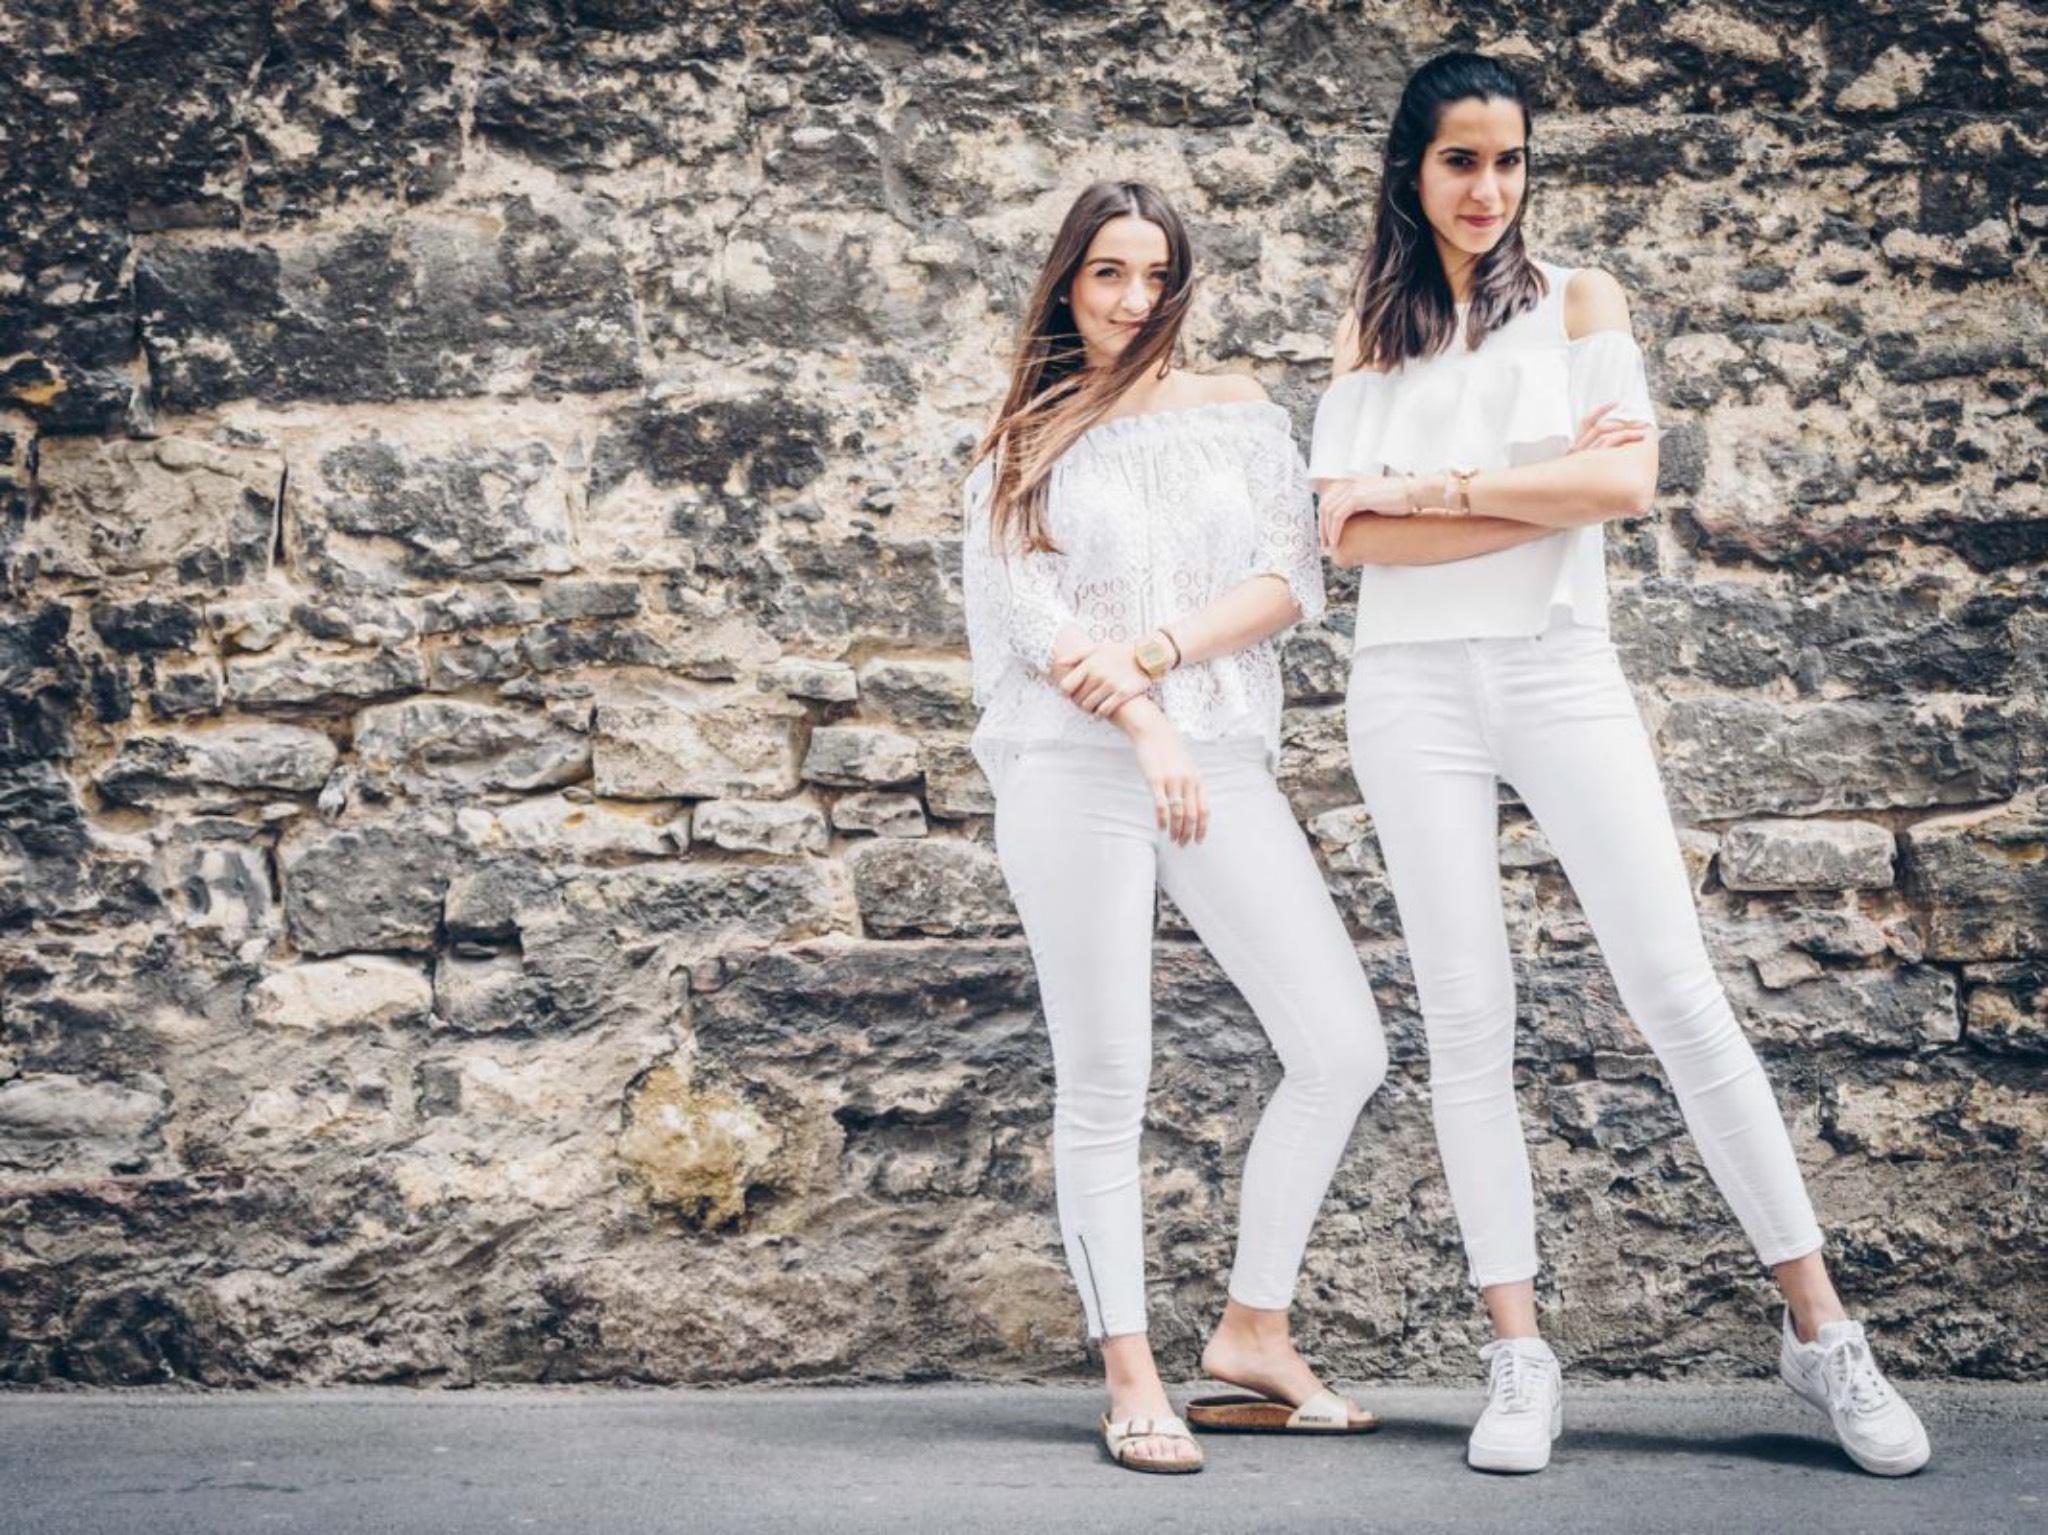 Weiße Outfits von Kopf bis Fuß. Foto: Pascal Höfig